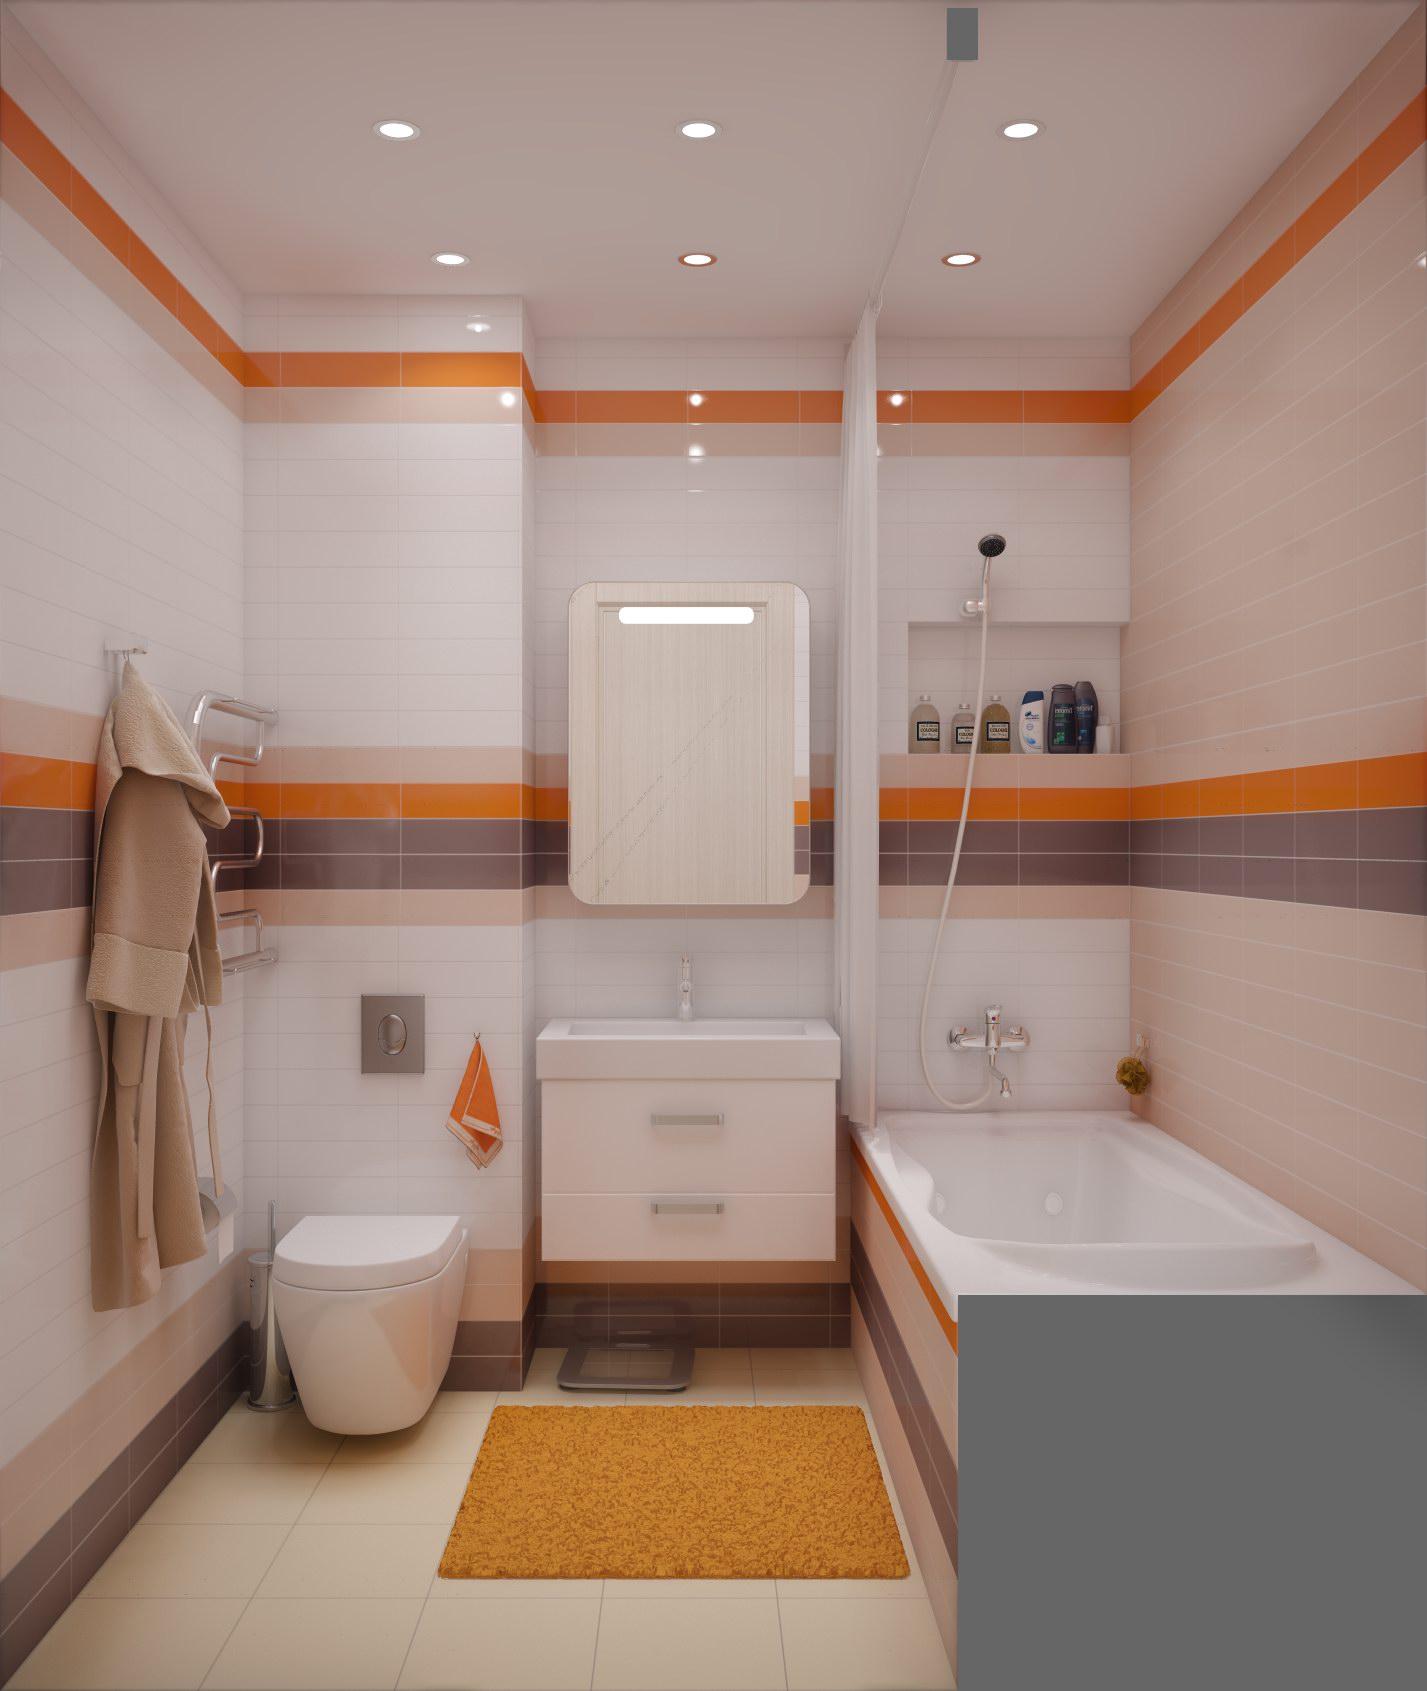 Дизайн для совмещенного туалета с ванной Обзор дизайна совмещенных санузлов